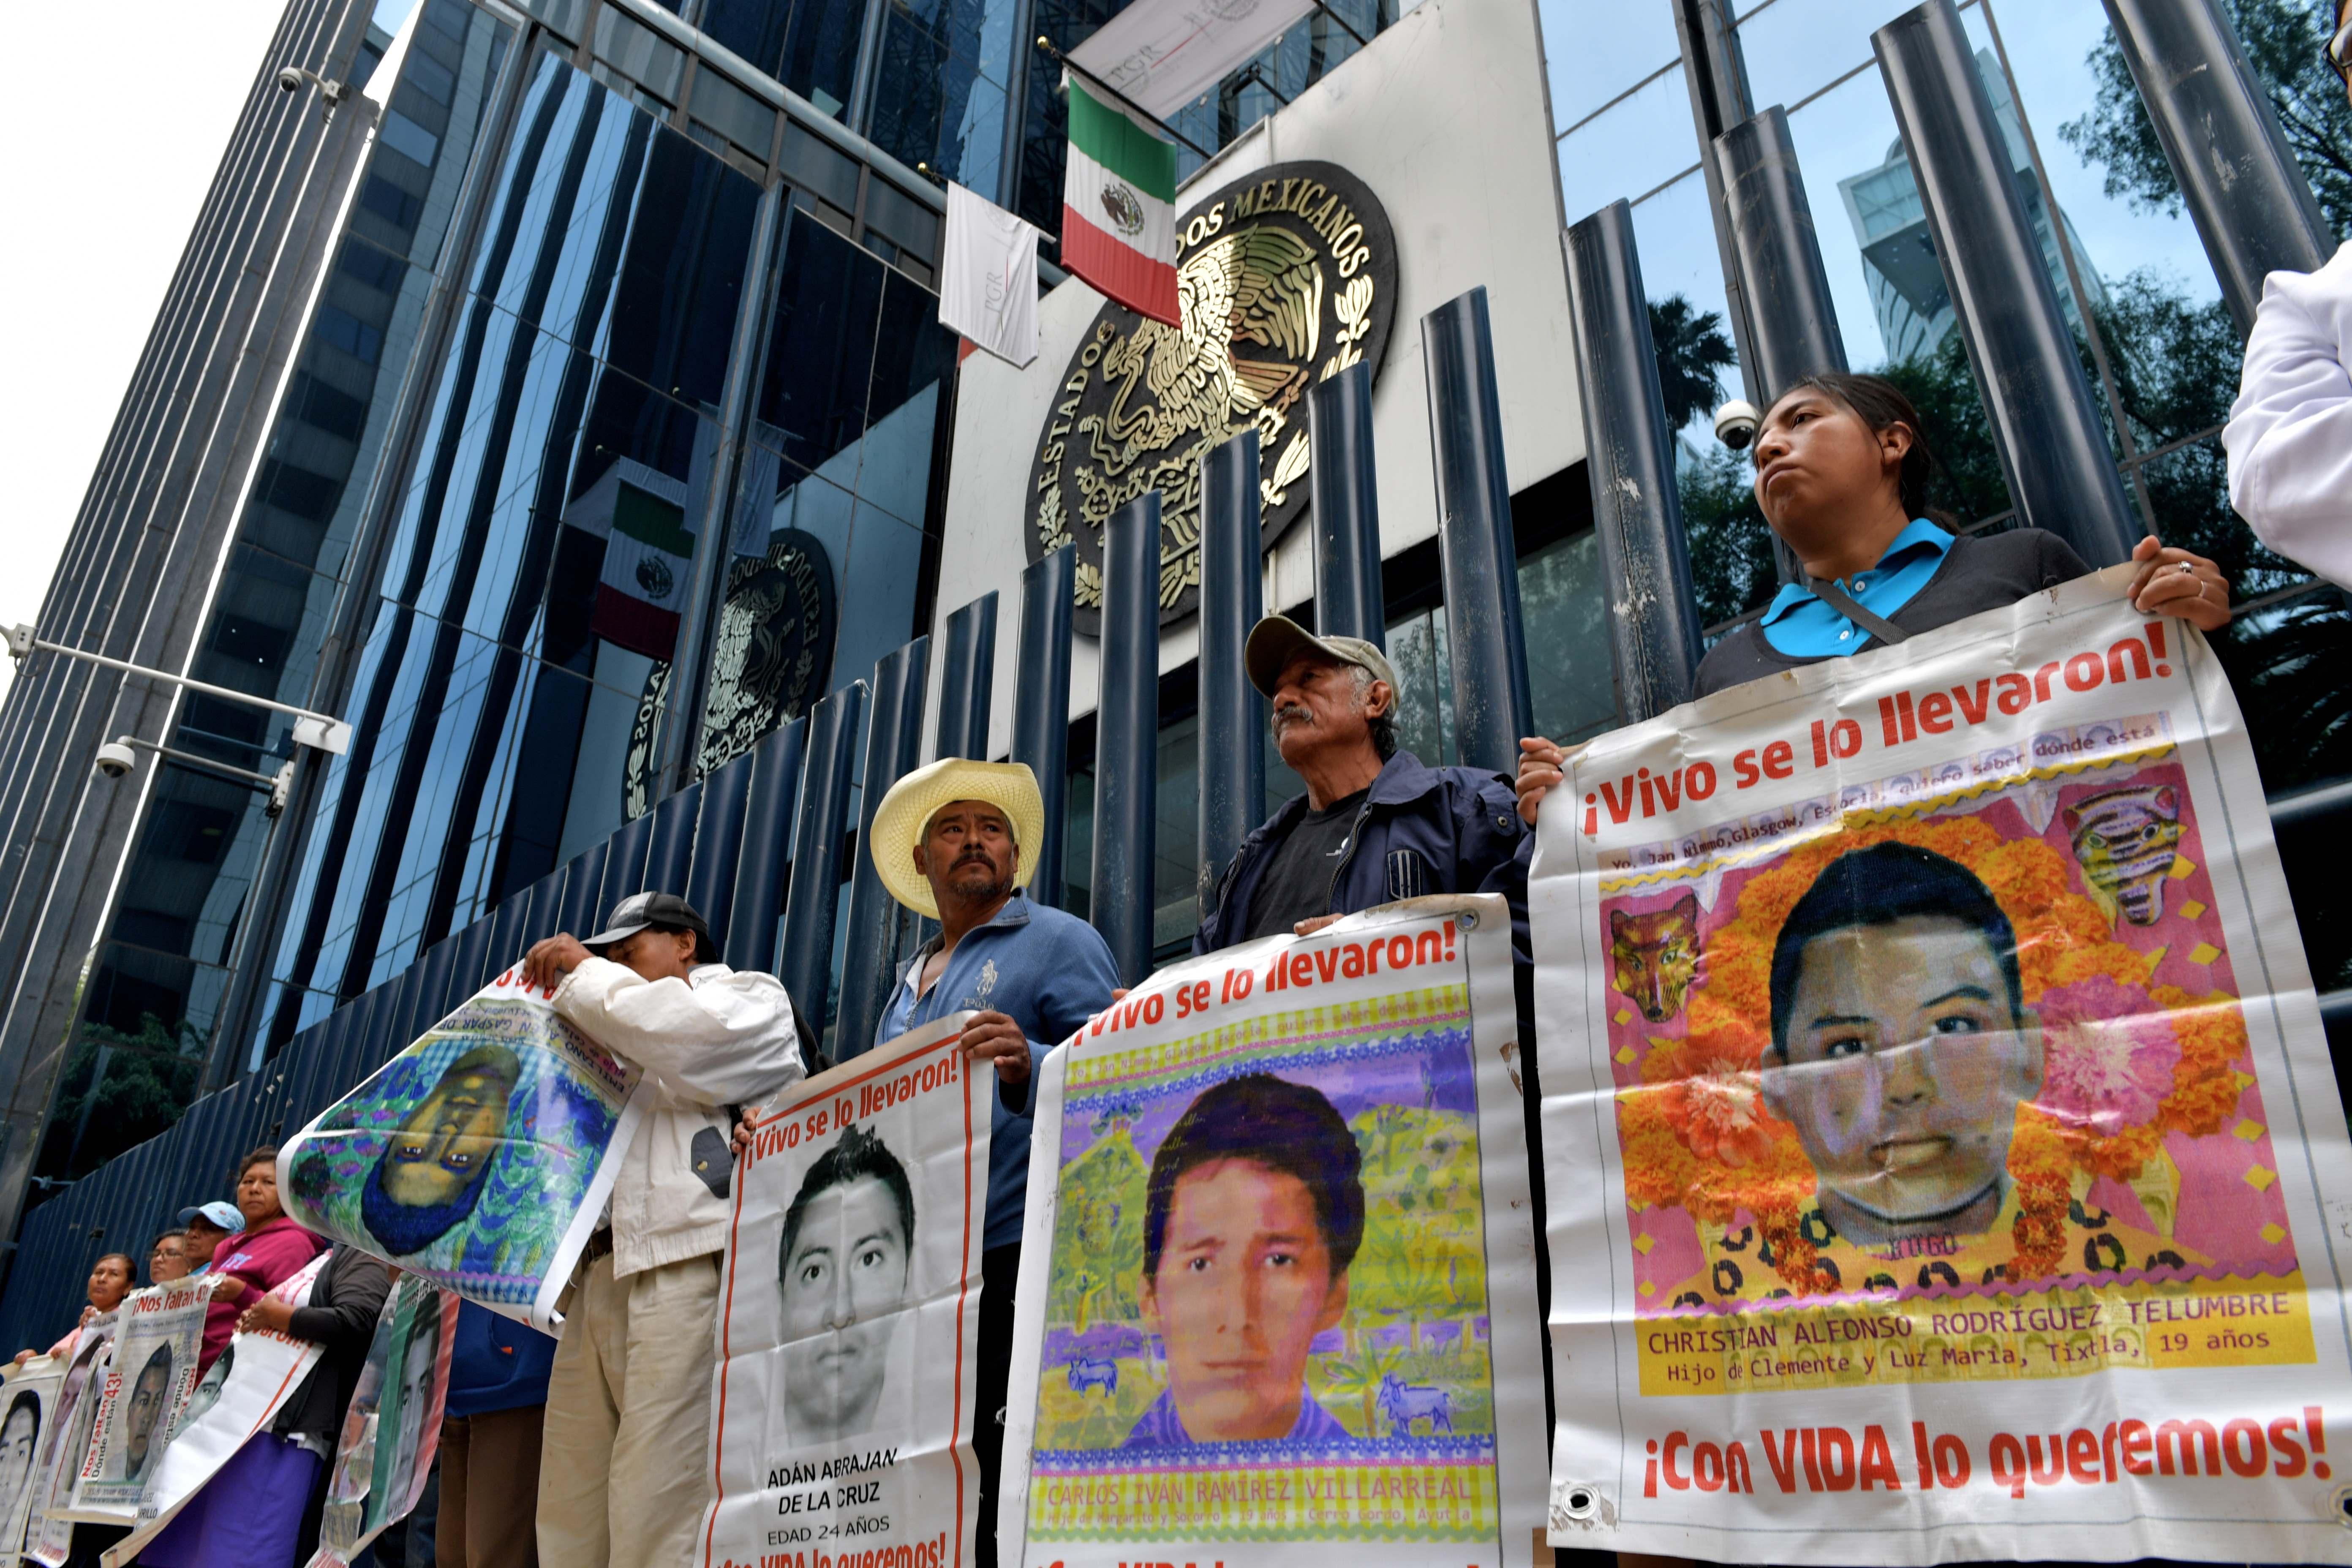 Egy mexikói államban akkora az öldöklés, hogy összeomlottak a hullaházak